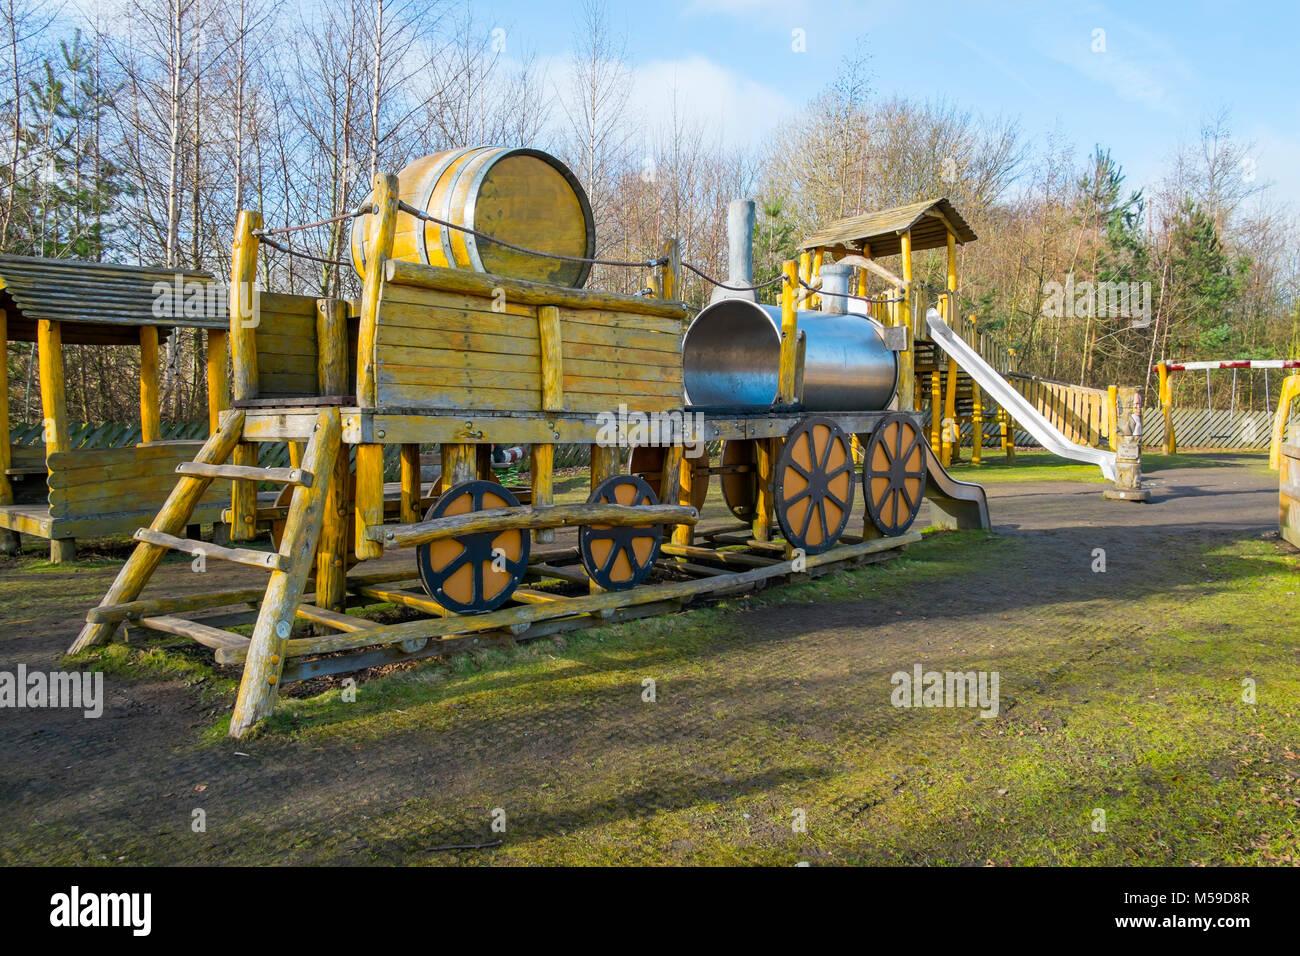 Klettergerüst Mit Rutsche : Gutes spiel umgebung kinderspielplatz mit einem altmodischen